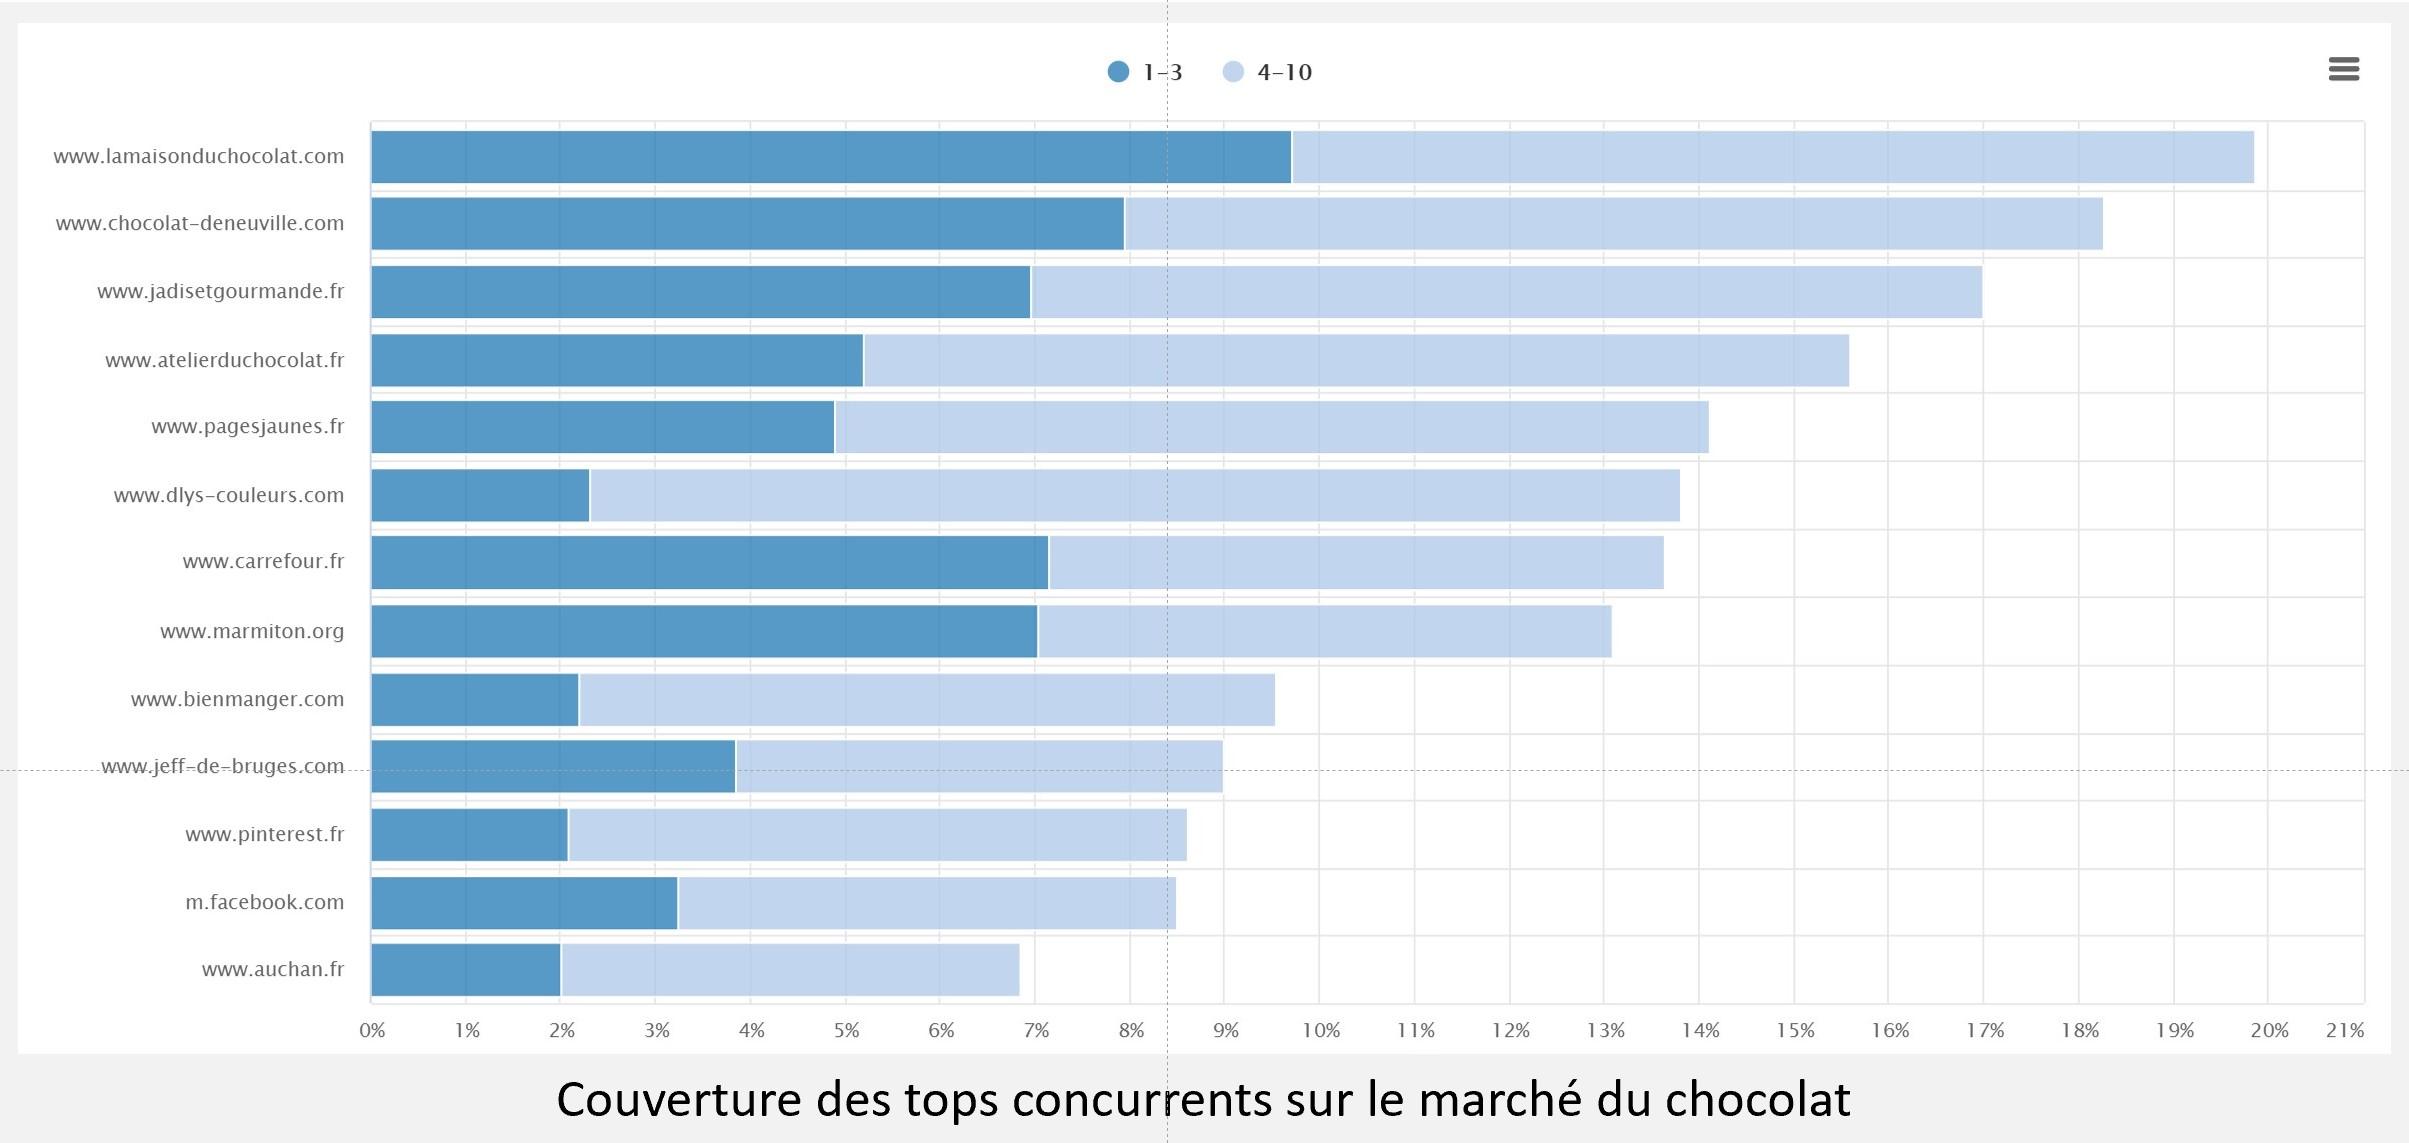 graphique couverture marche du chocolat